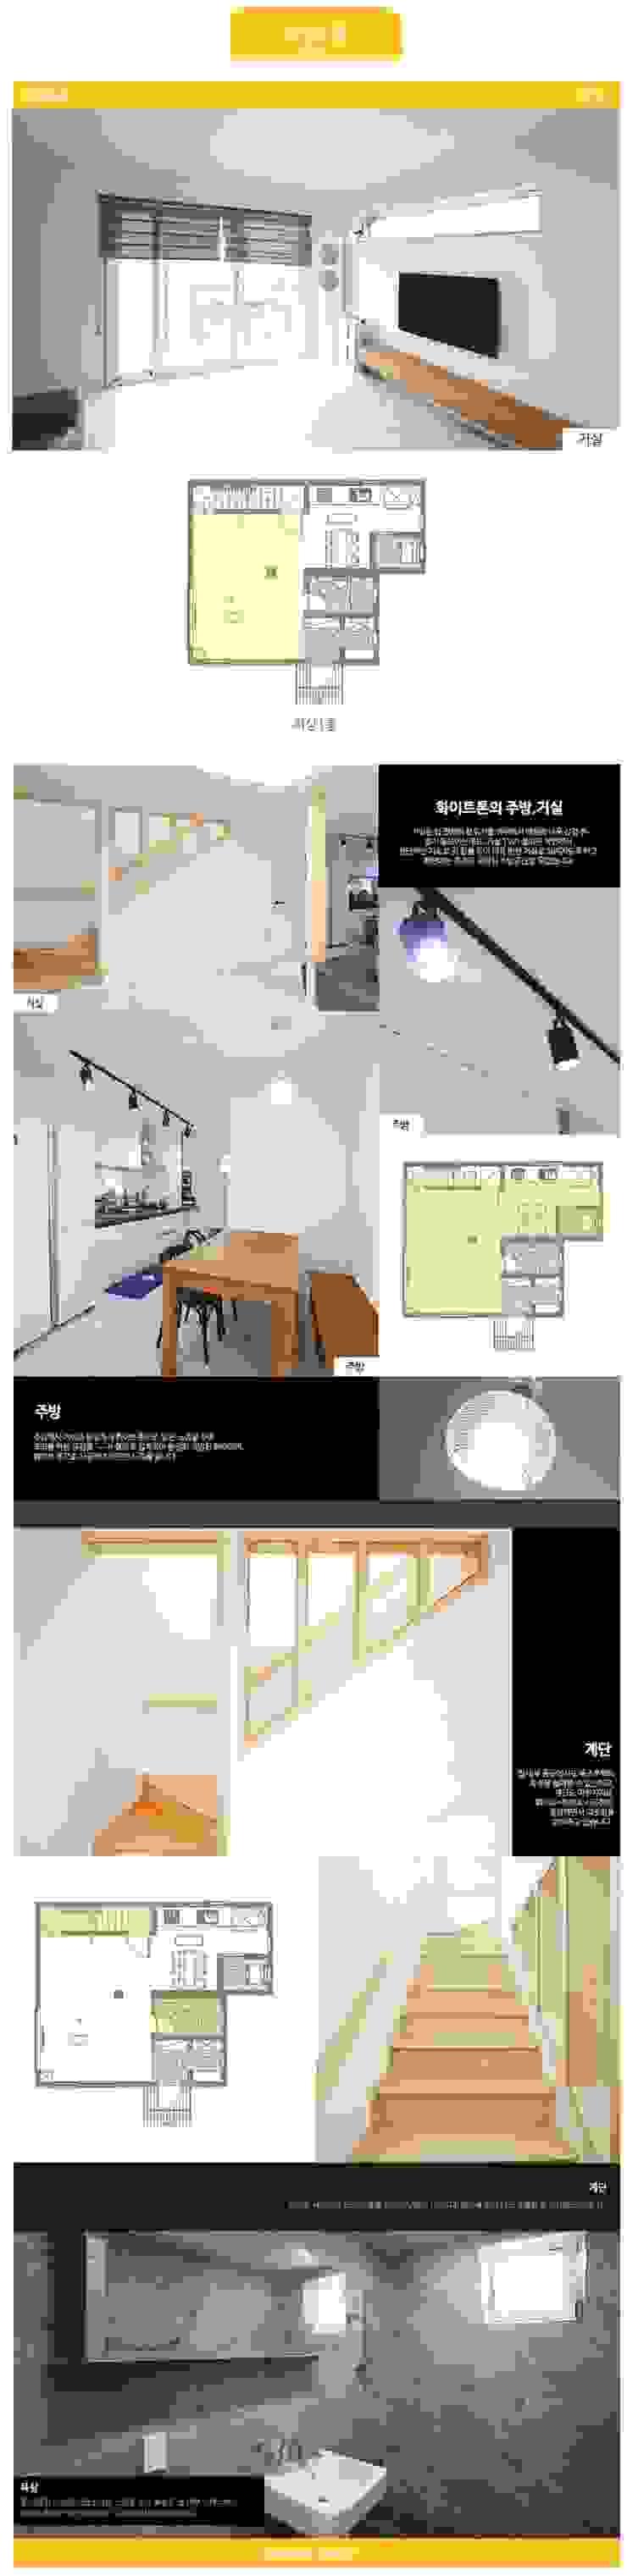 공기 순환이 좋은 구조. 센스있는 전원주택_내부1층 by 공간제작소(주) 모던 세라믹